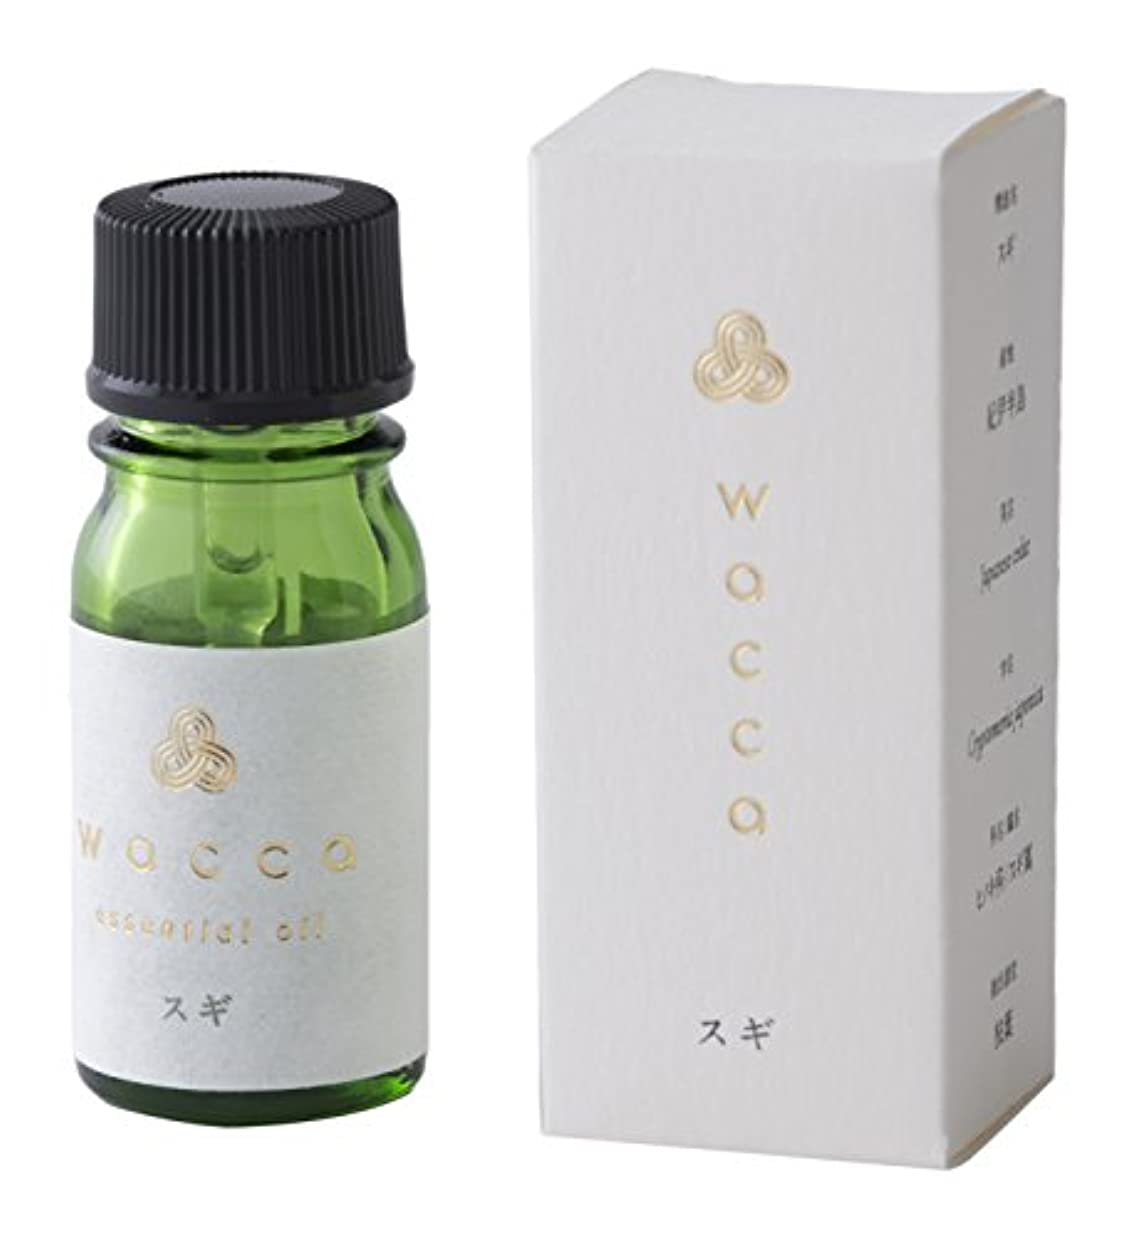 懇願する保持するくるみwacca ワッカ エッセンシャルオイル 5ml 杉 スギ Japanese cedar essential oil 和精油 KUSU HANDMADE